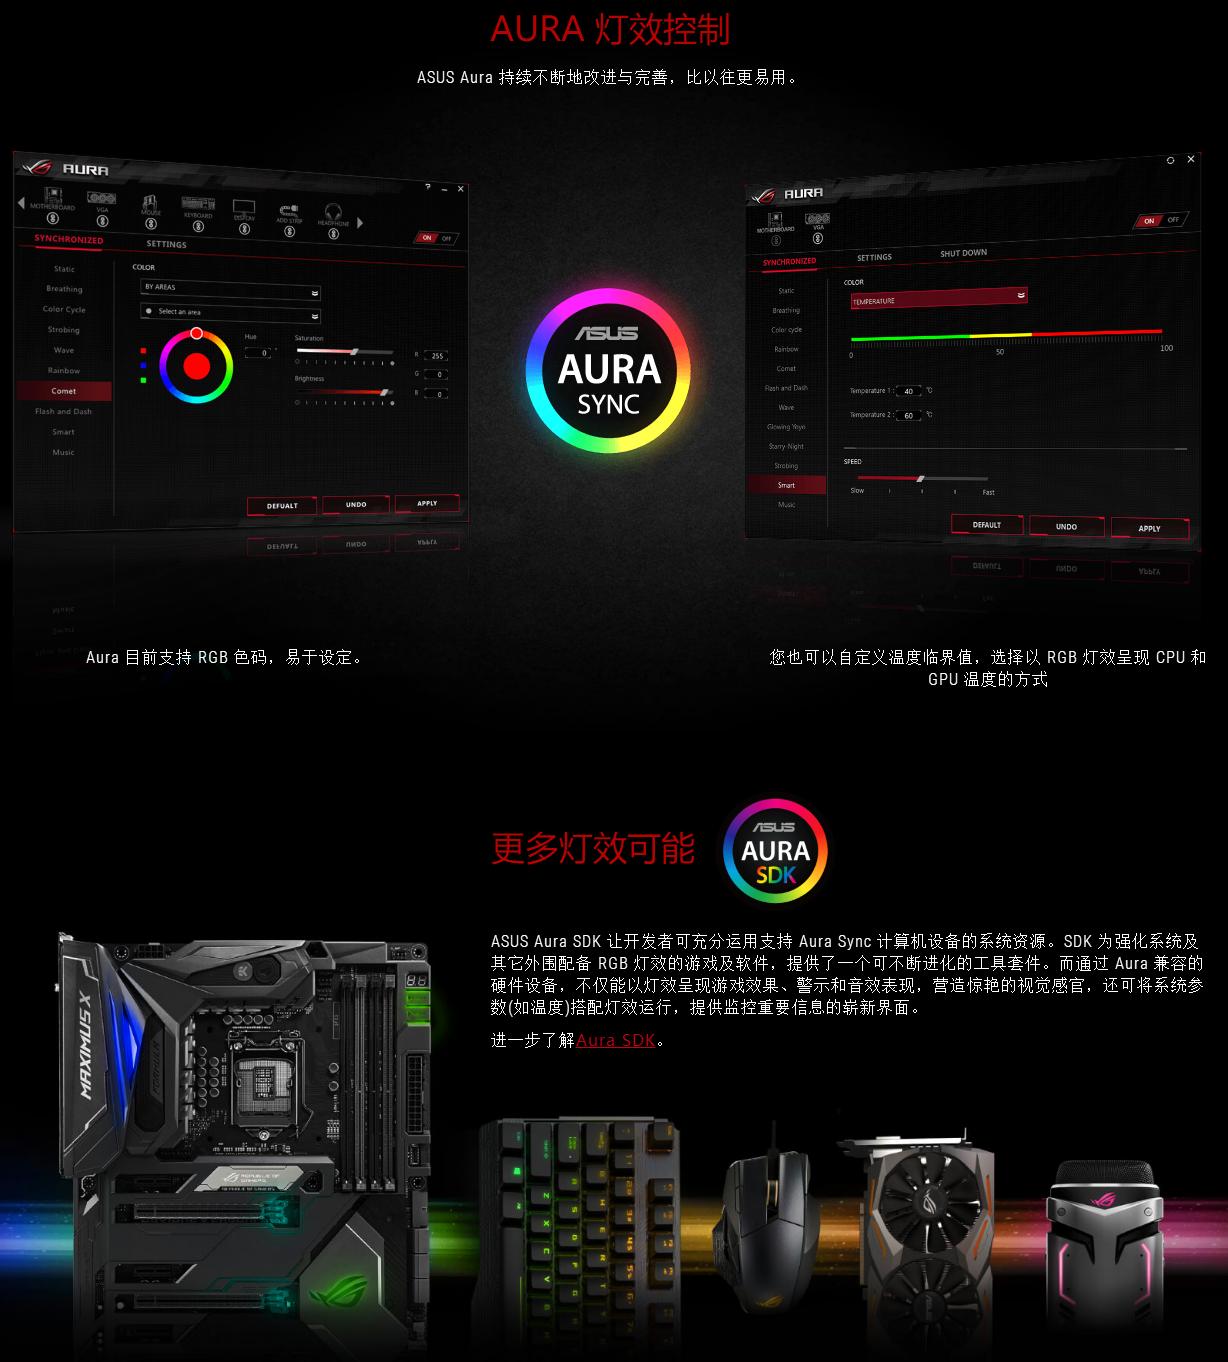 現貨華碩ROG MAXIMUS X FORUM Z370MXF主板M10F玩家國度聲波雷達